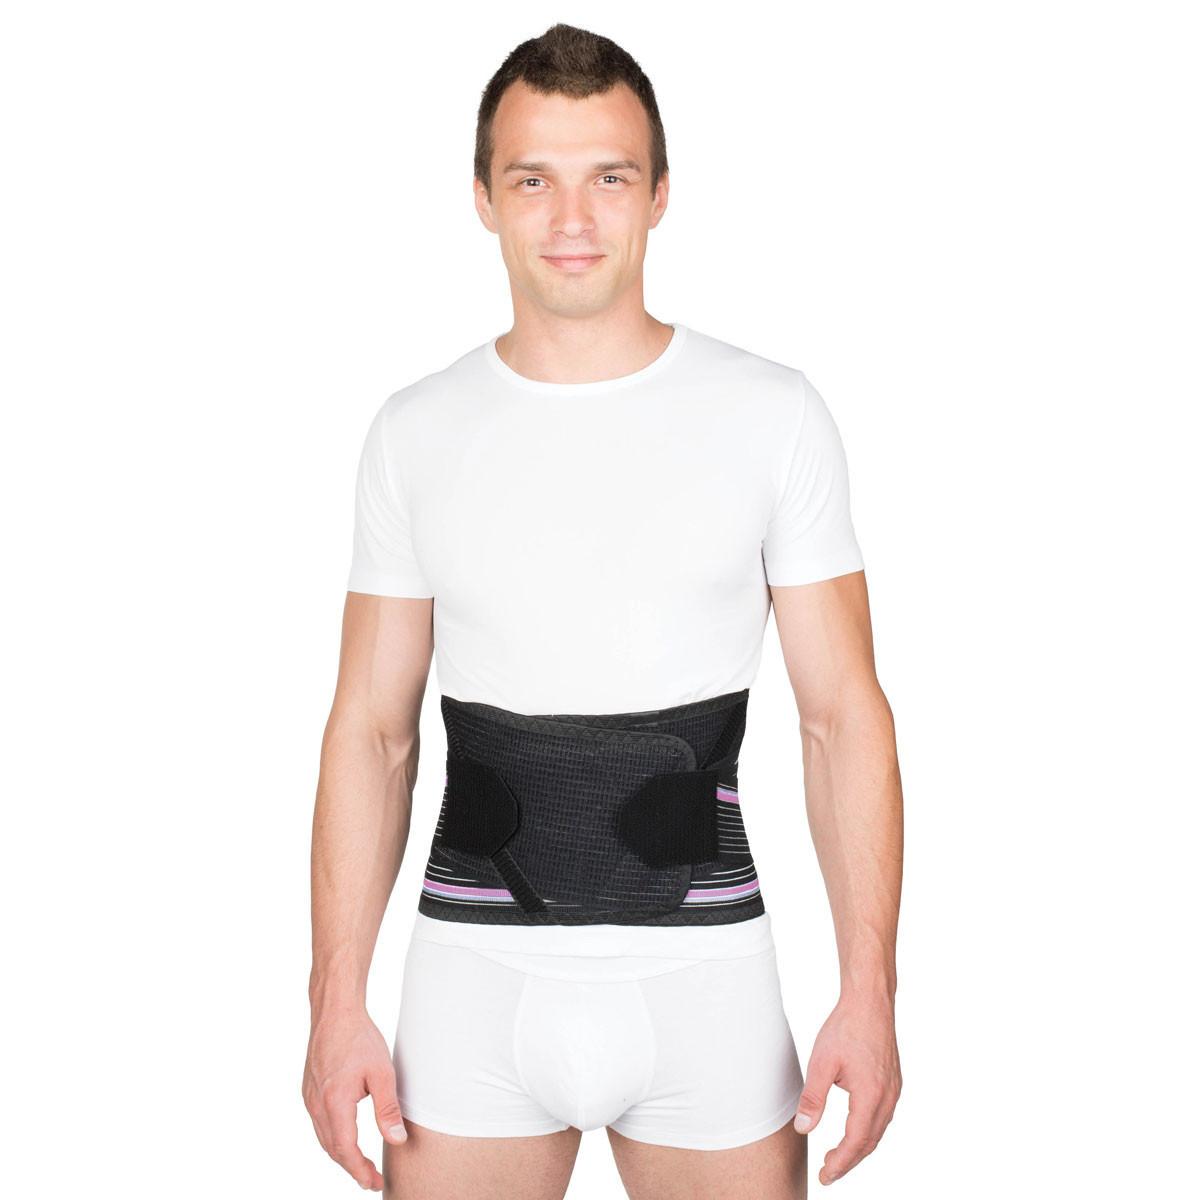 Ортопедичний корсет для чоловіків Т-1501, Тривес Evolution